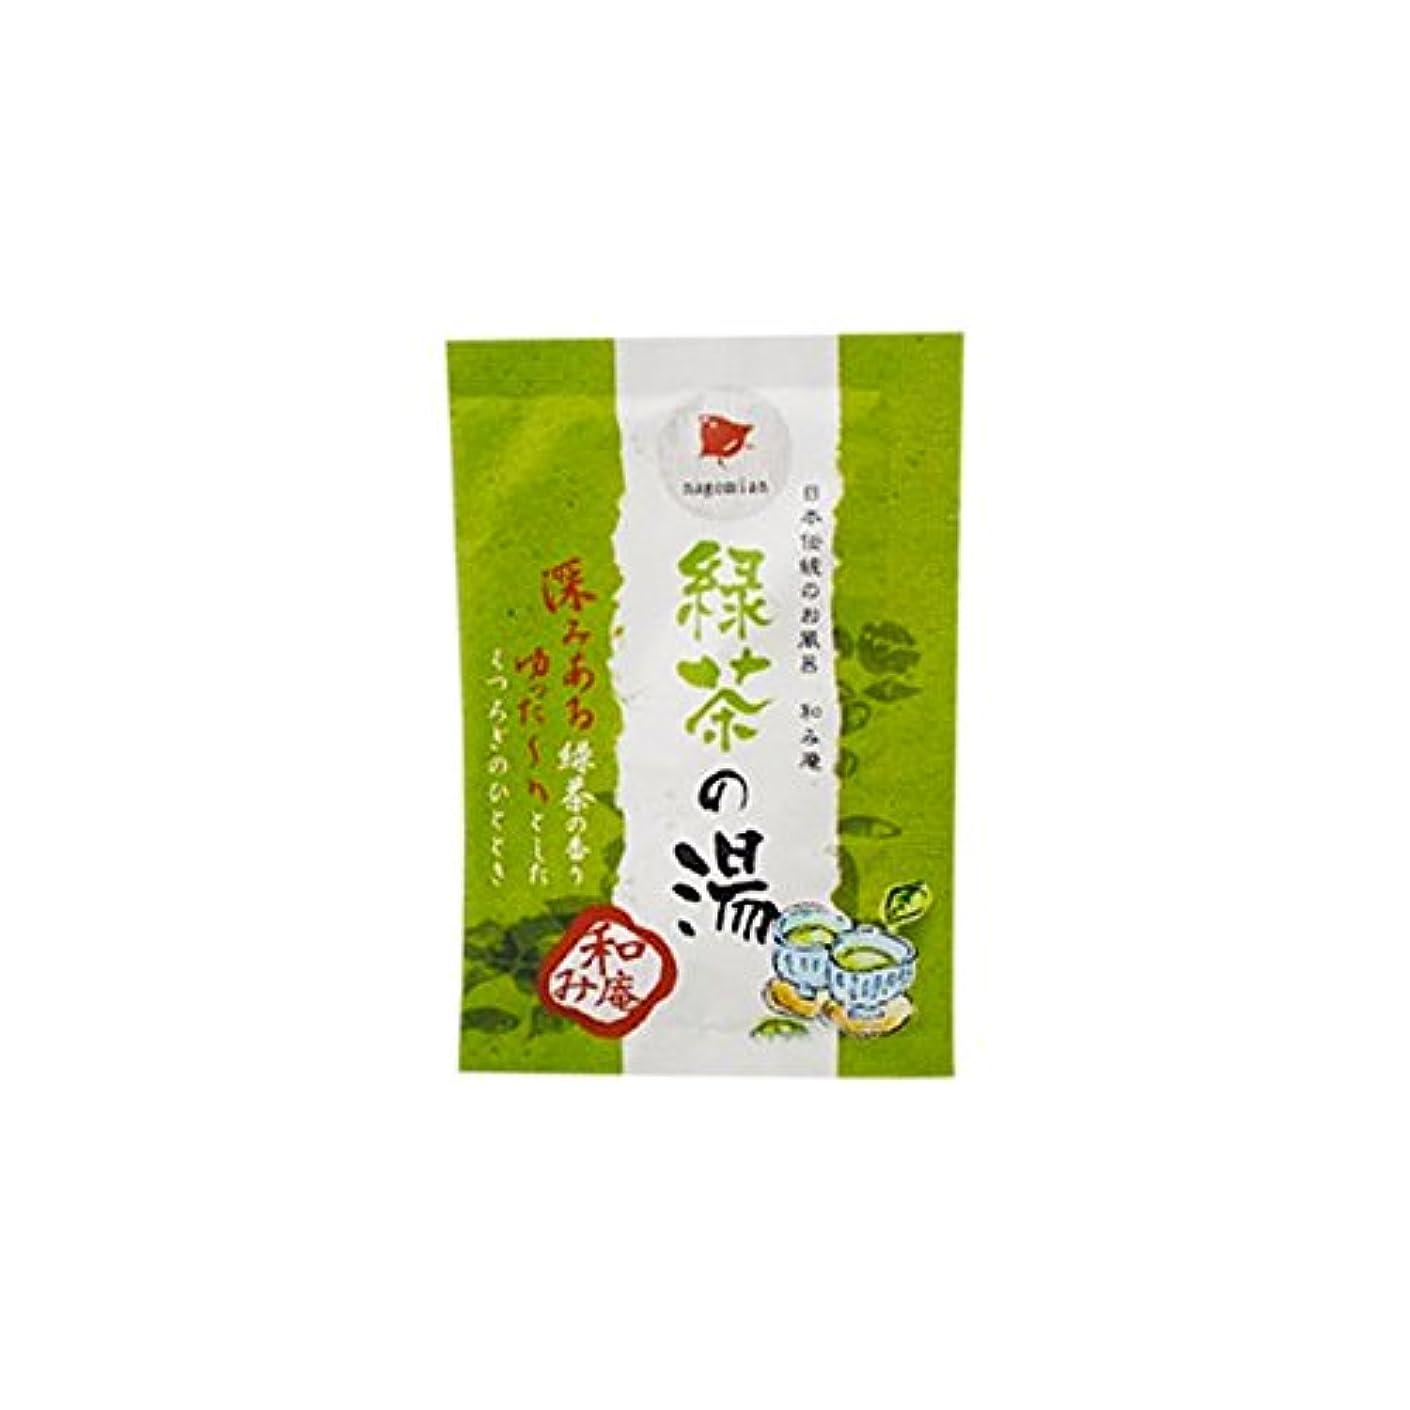 スタッフフック長いです和み庵 入浴剤 「緑茶の湯」30個